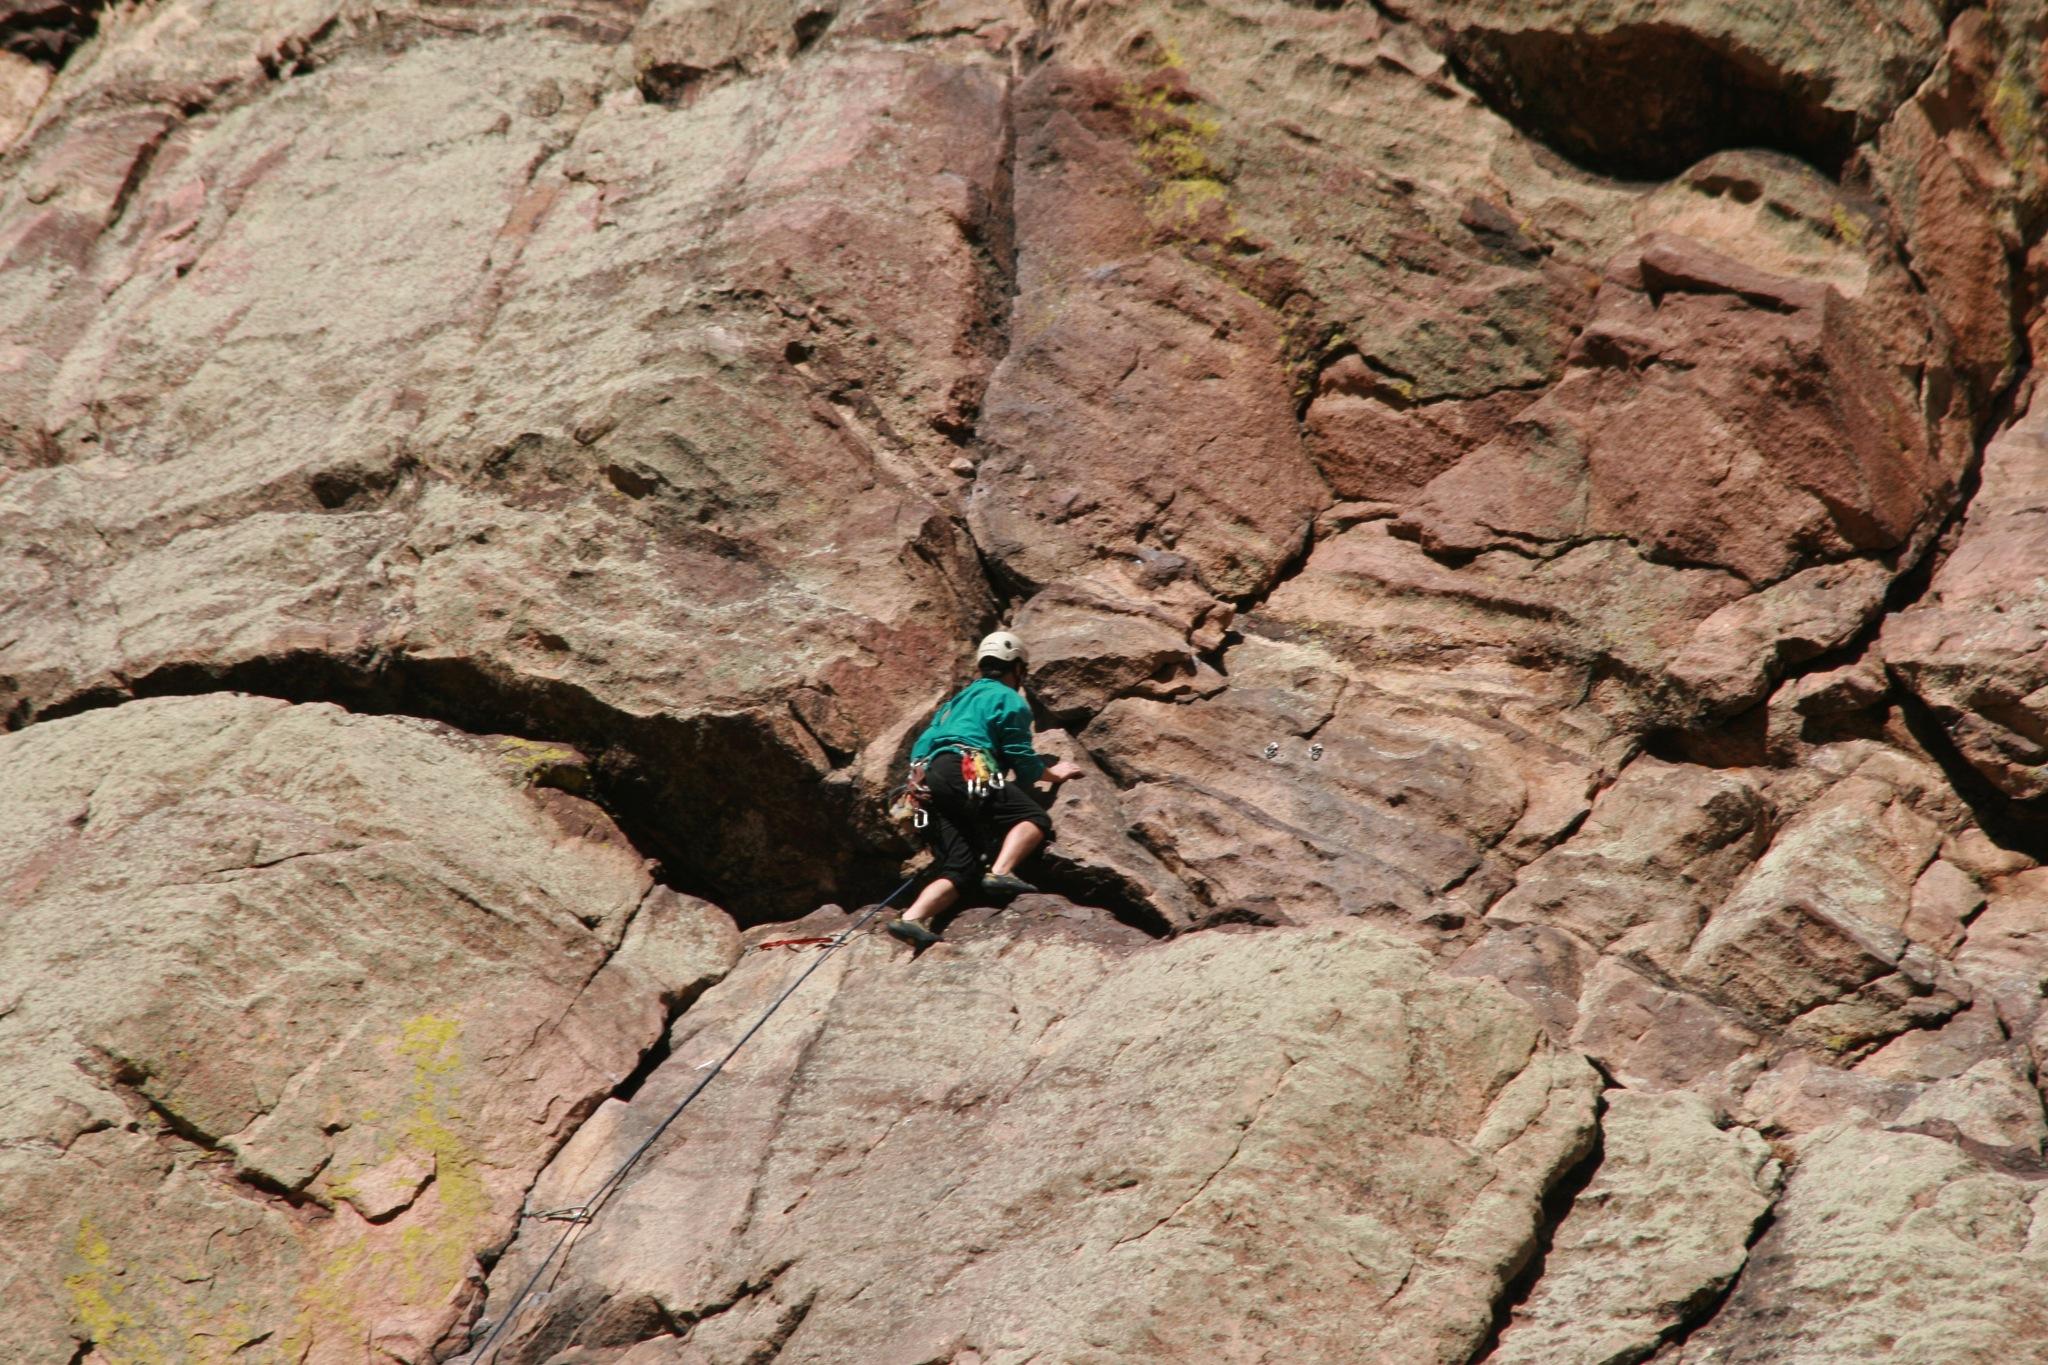 Rock Climbing 2 by daniel.luna.77920